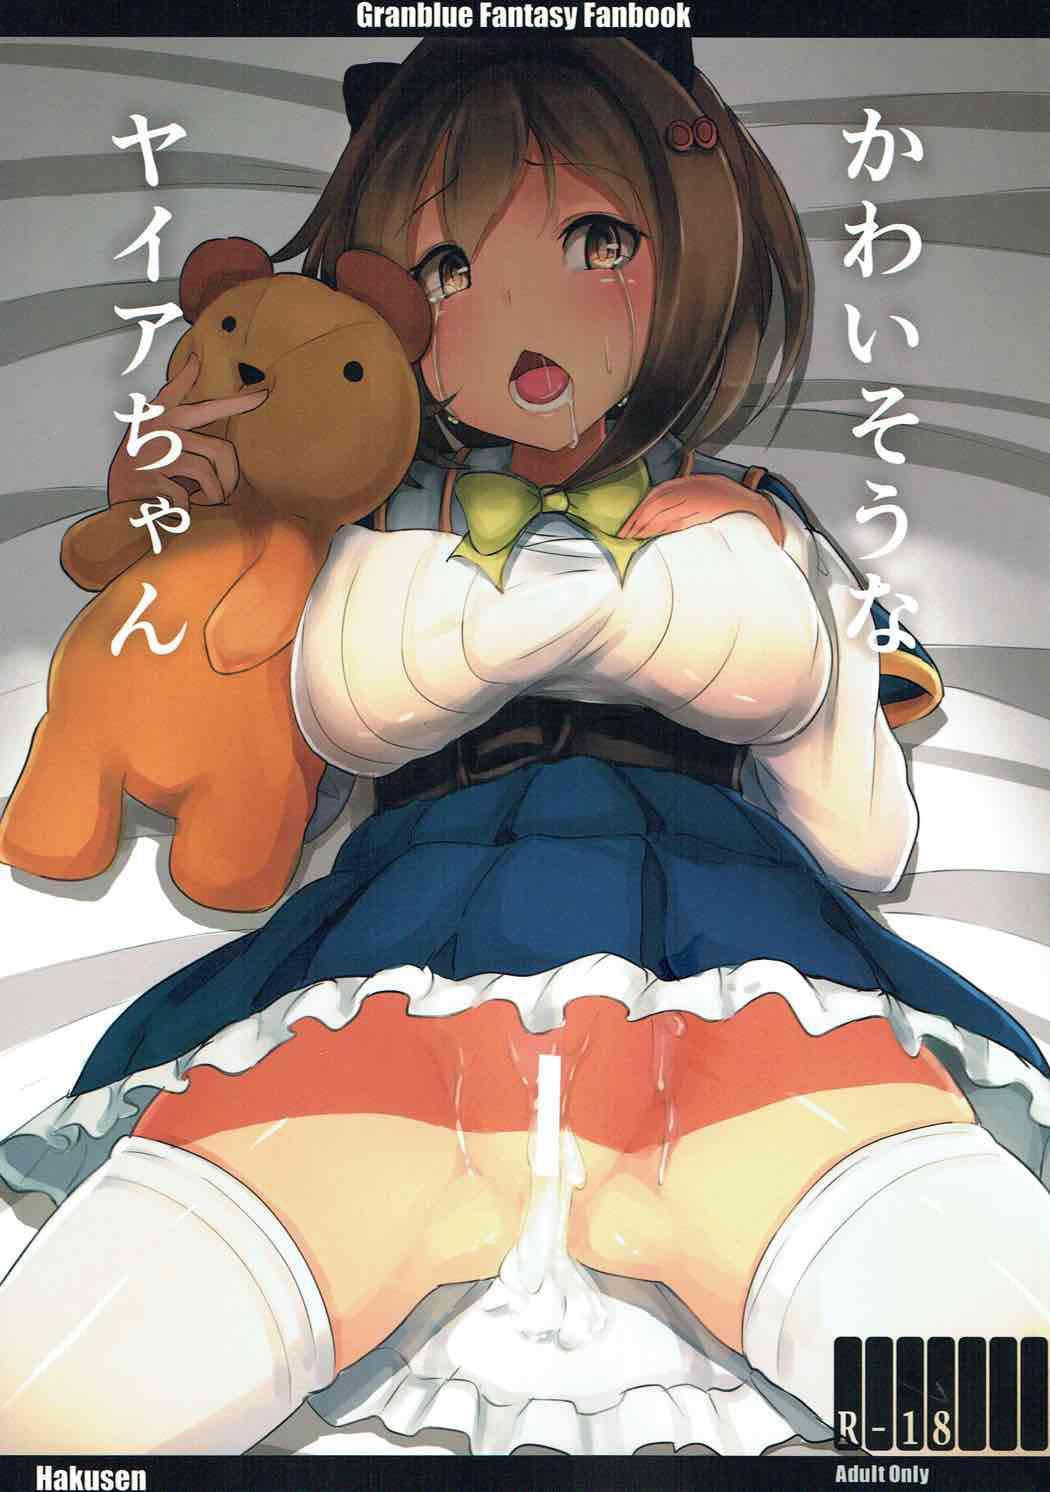 (C92) [Hakusen (Opanchu)] Kawaisou na Yaia-chan | Pitiful Yaia-chan (Granblue Fantasy) [English] {Doujins.com} 0